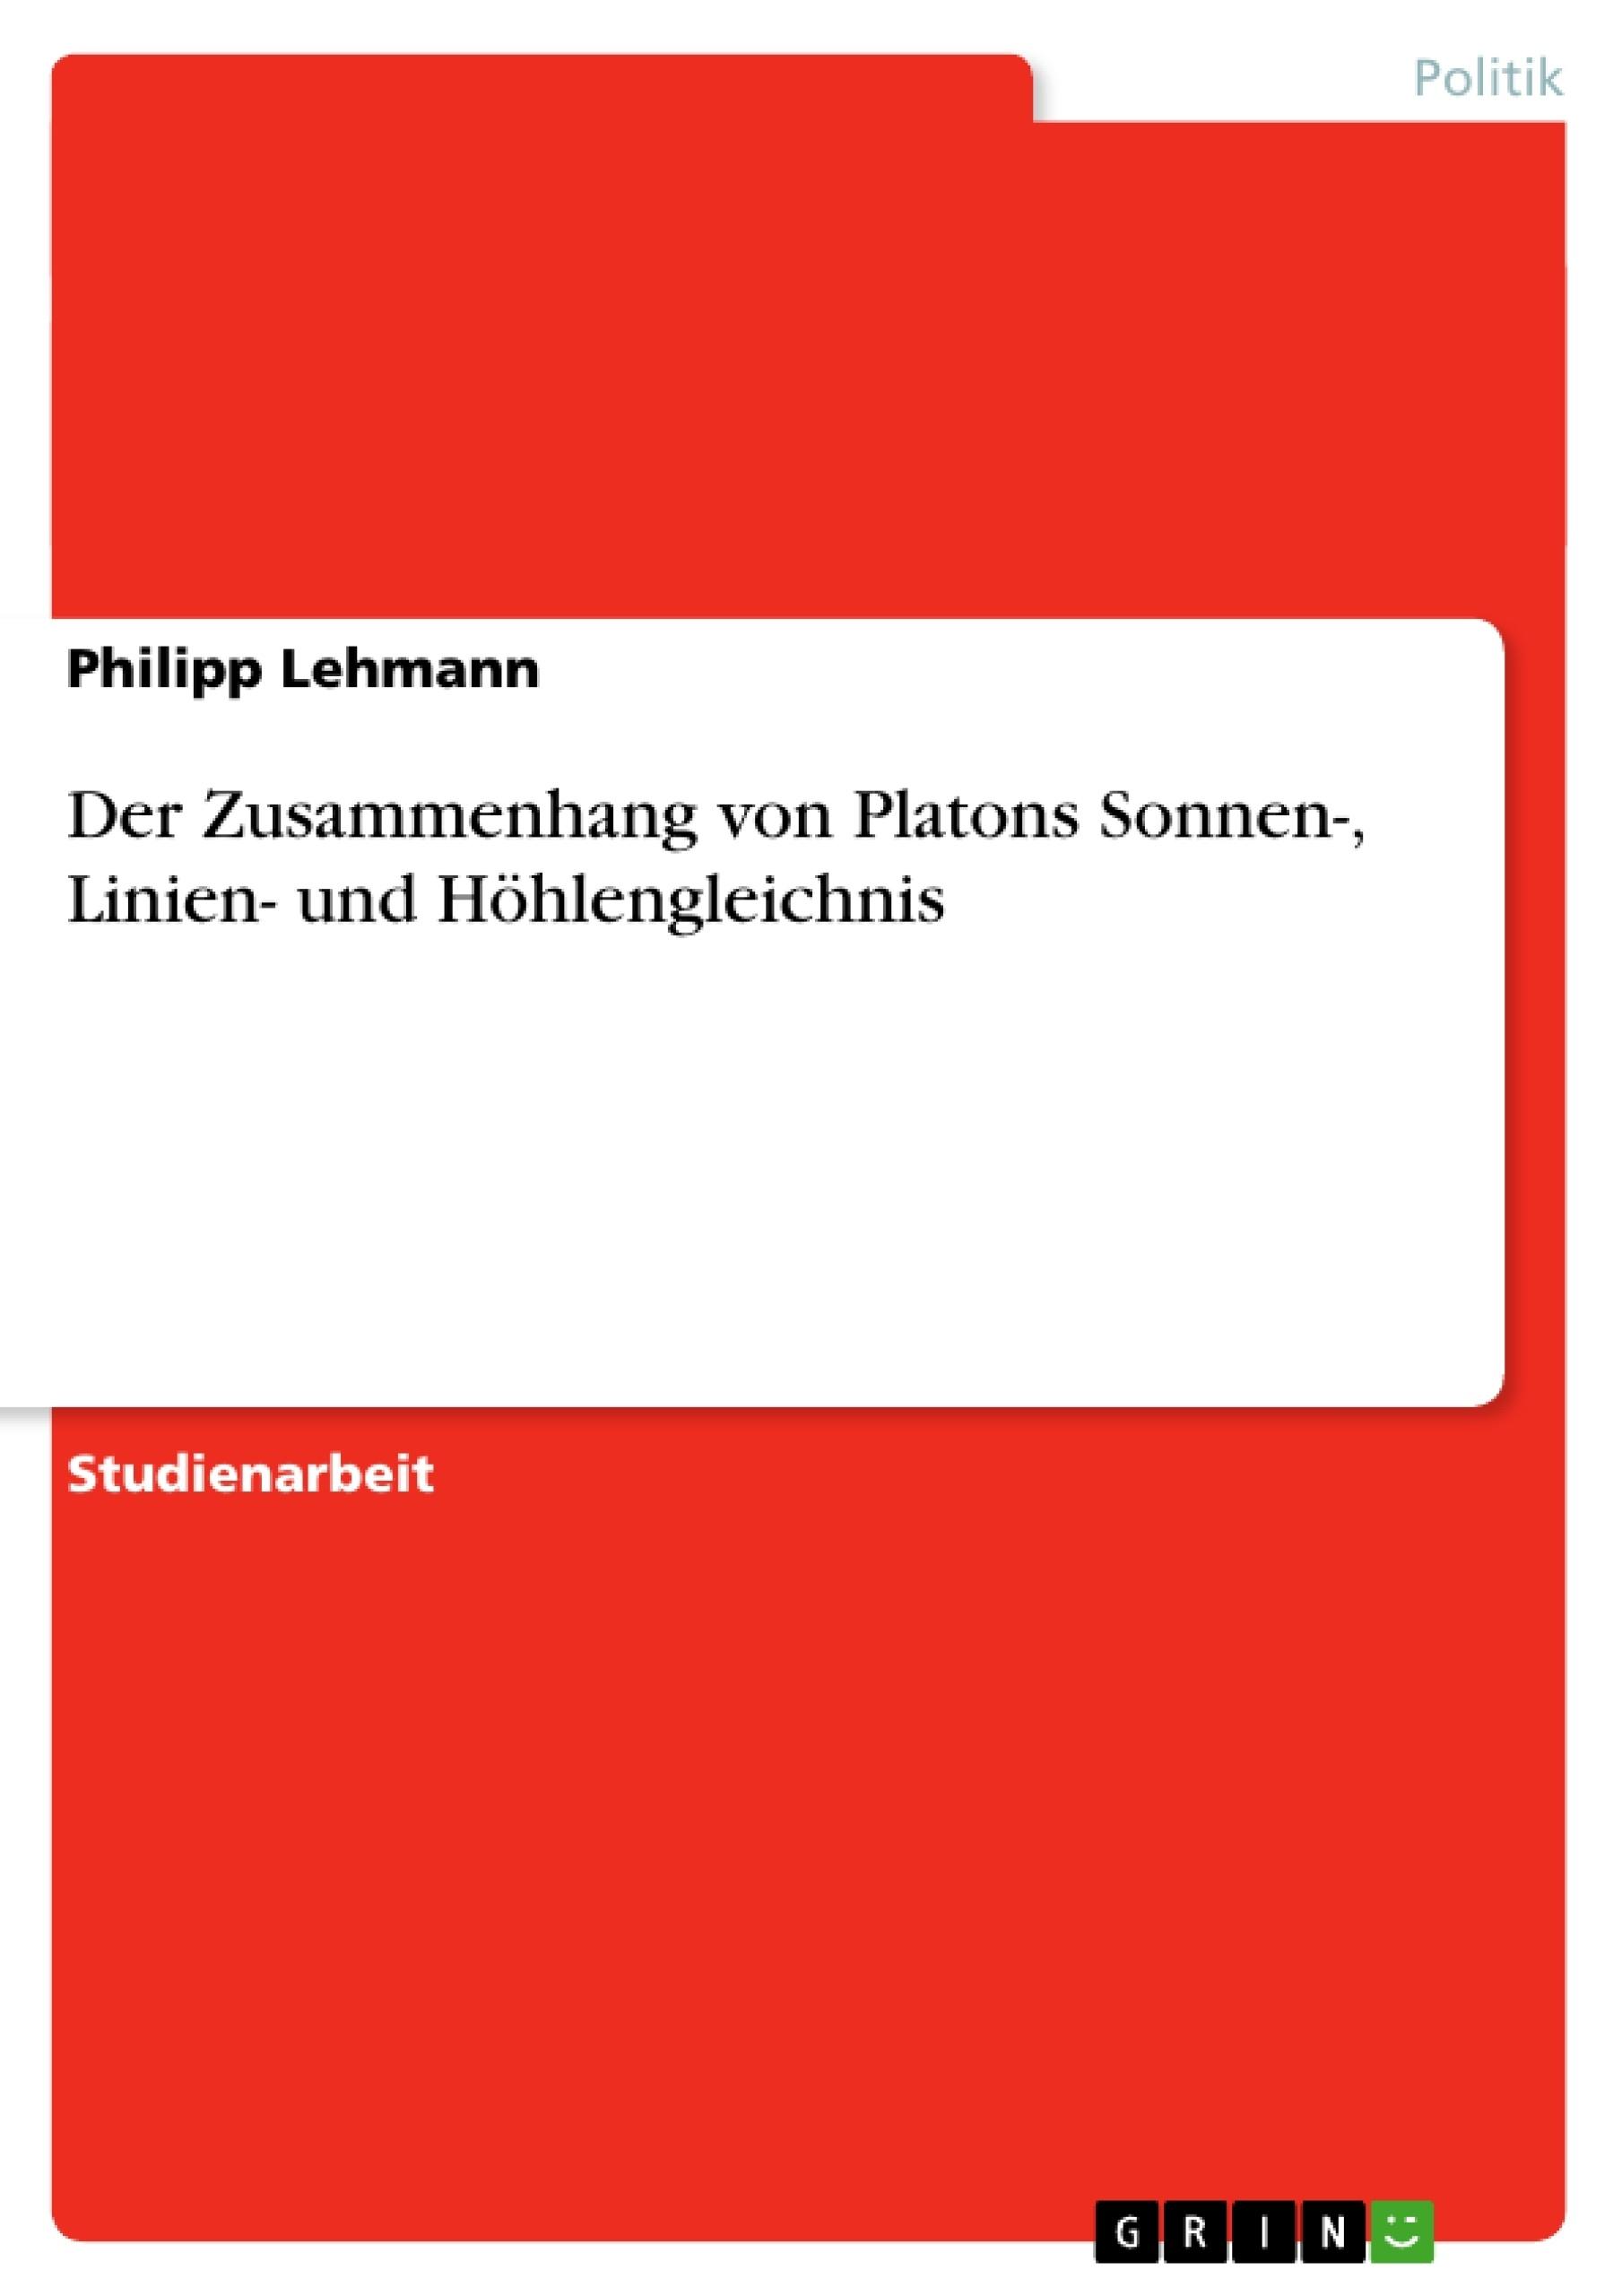 Titel: Der Zusammenhang von Platons Sonnen-, Linien- und Höhlengleichnis